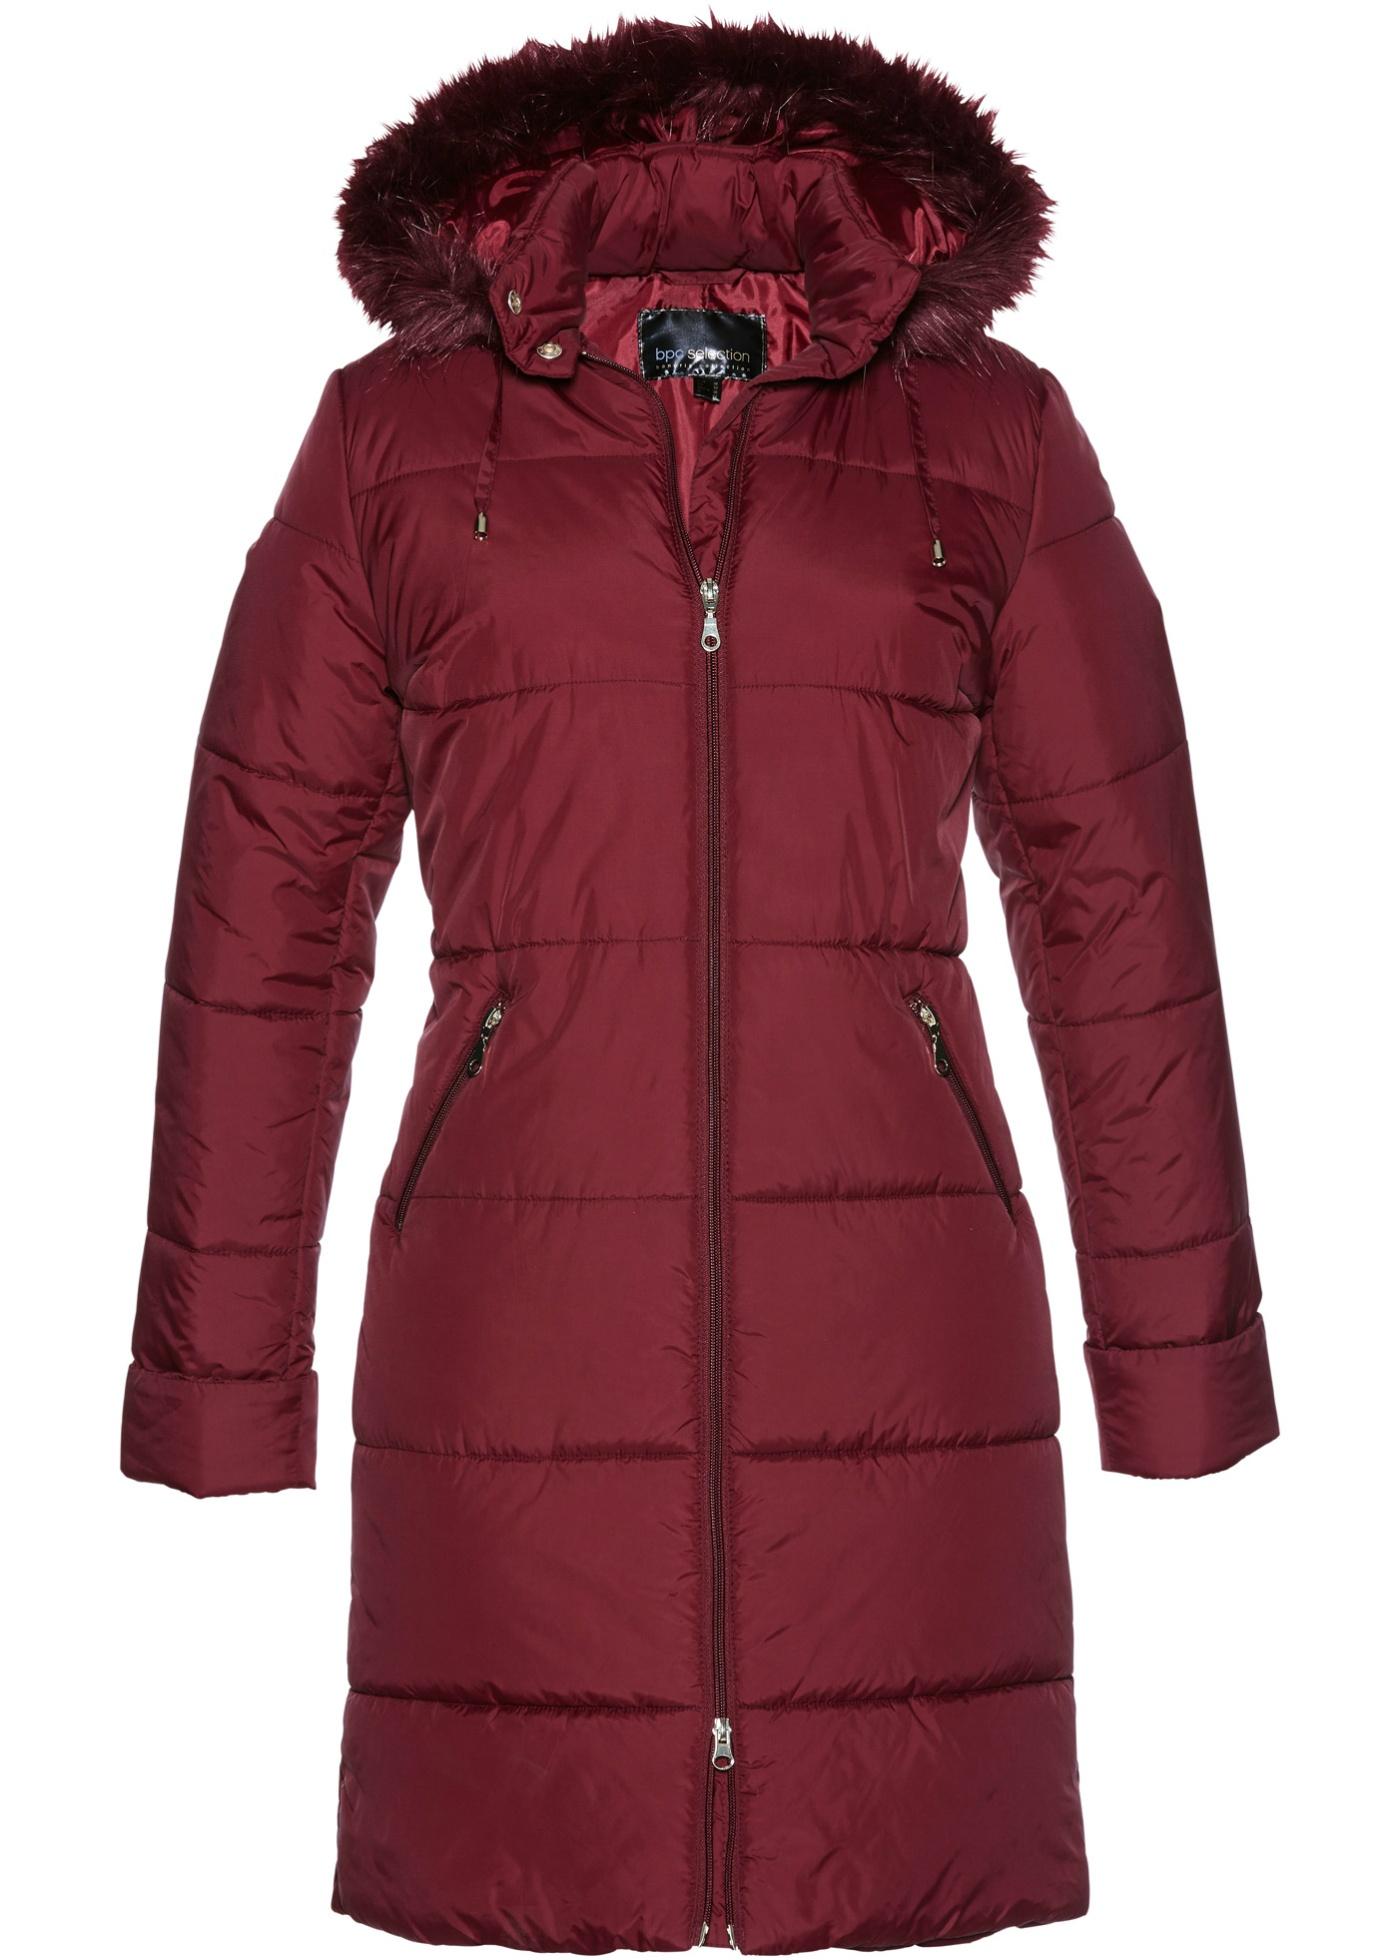 Prošívaný kabát s umělou kožešinou na kapuci - Červená abb3035e1e